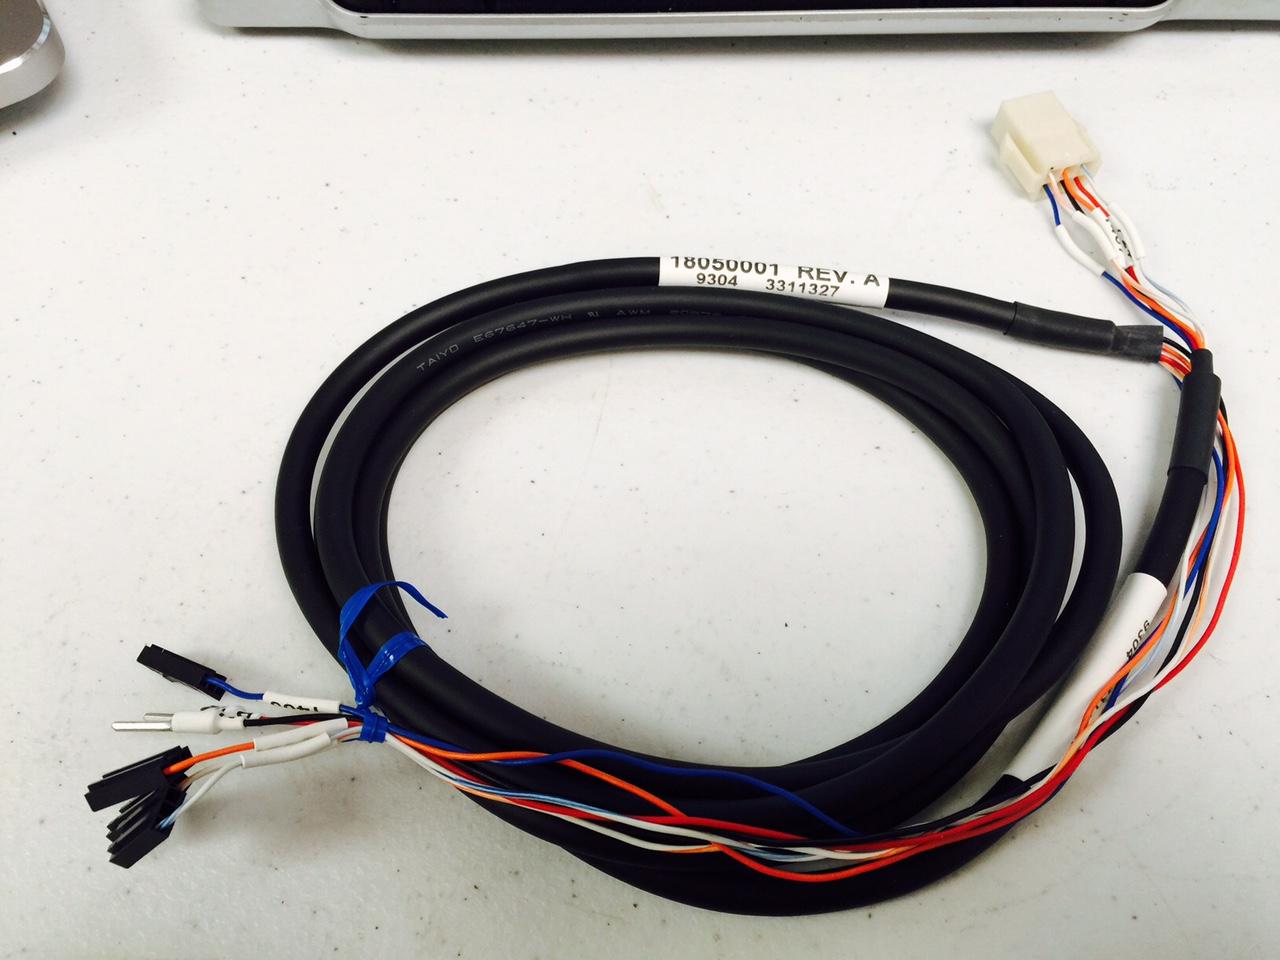 Cable KEYENCE 18050001 CABLE, TILT SENSOR (NEST ARM)